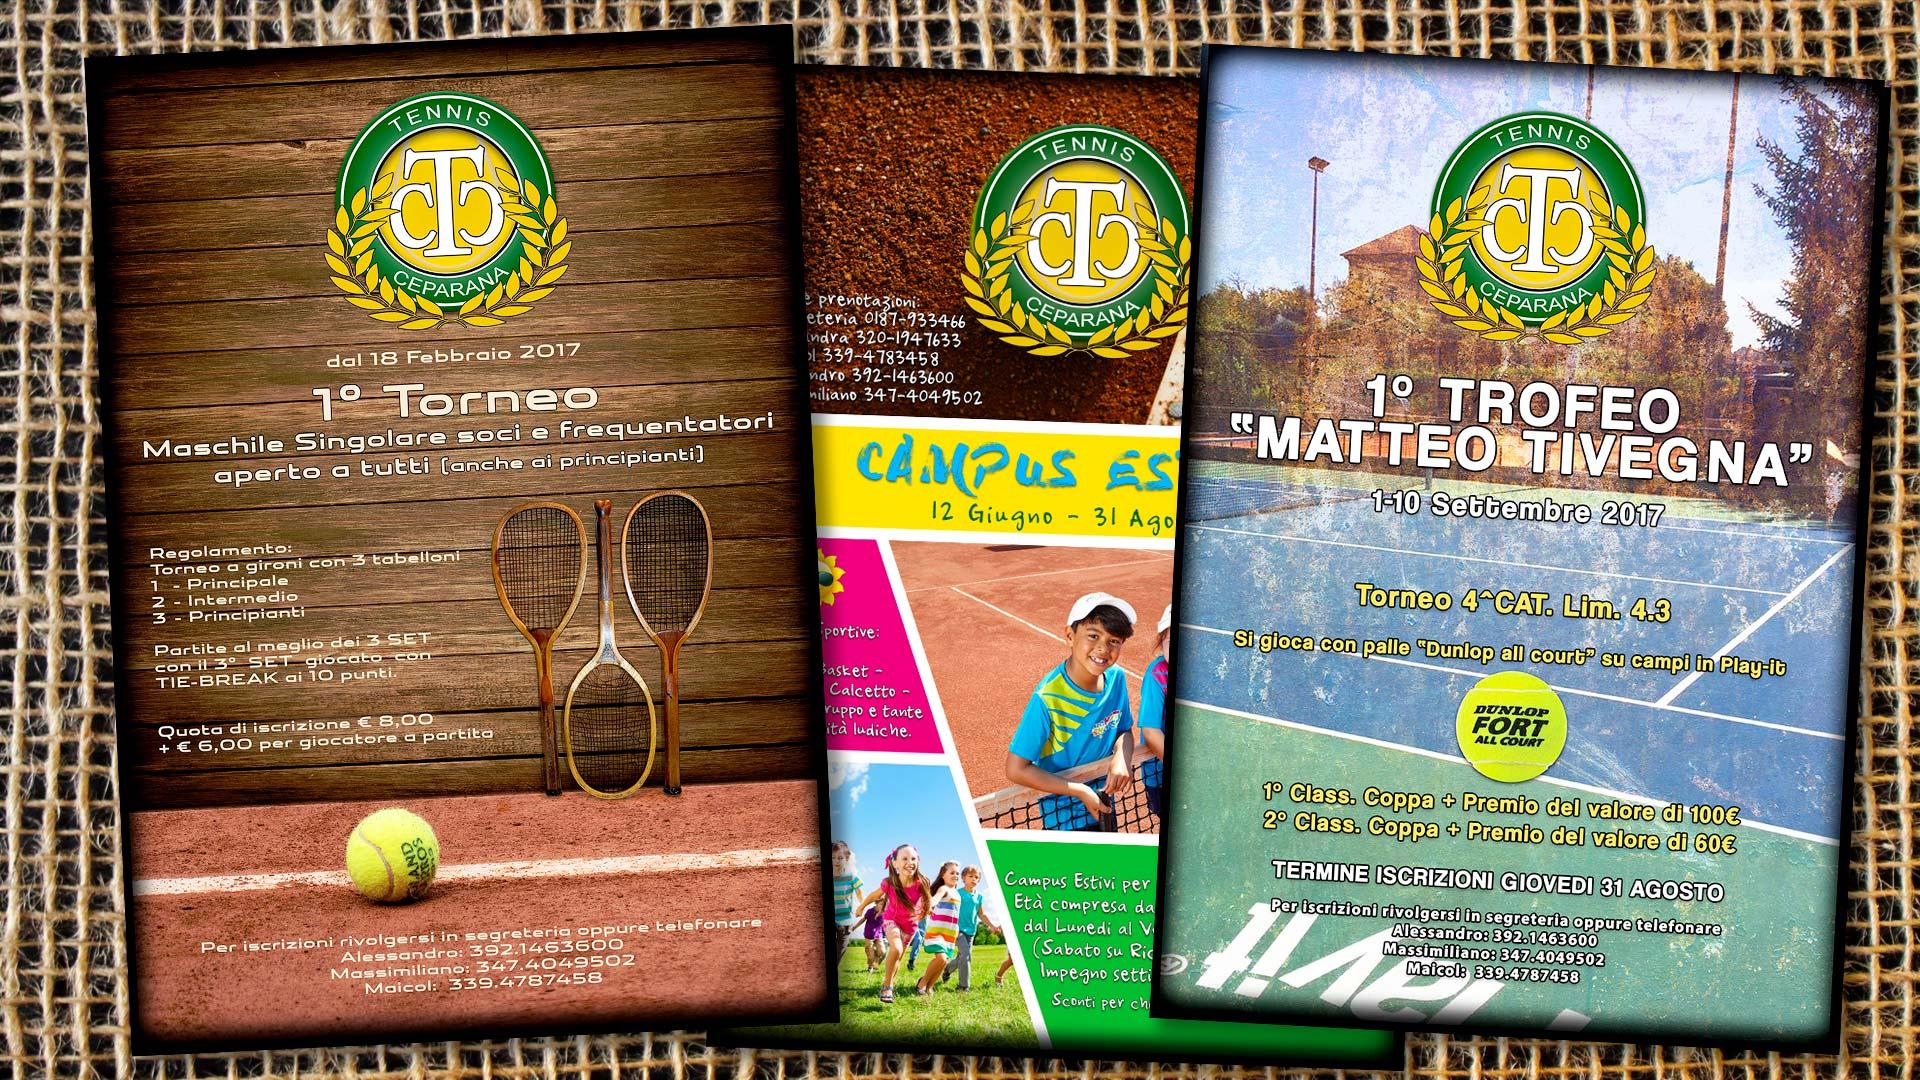 Grafica pubblicitaria La Spezia - Locandine tornei tennis